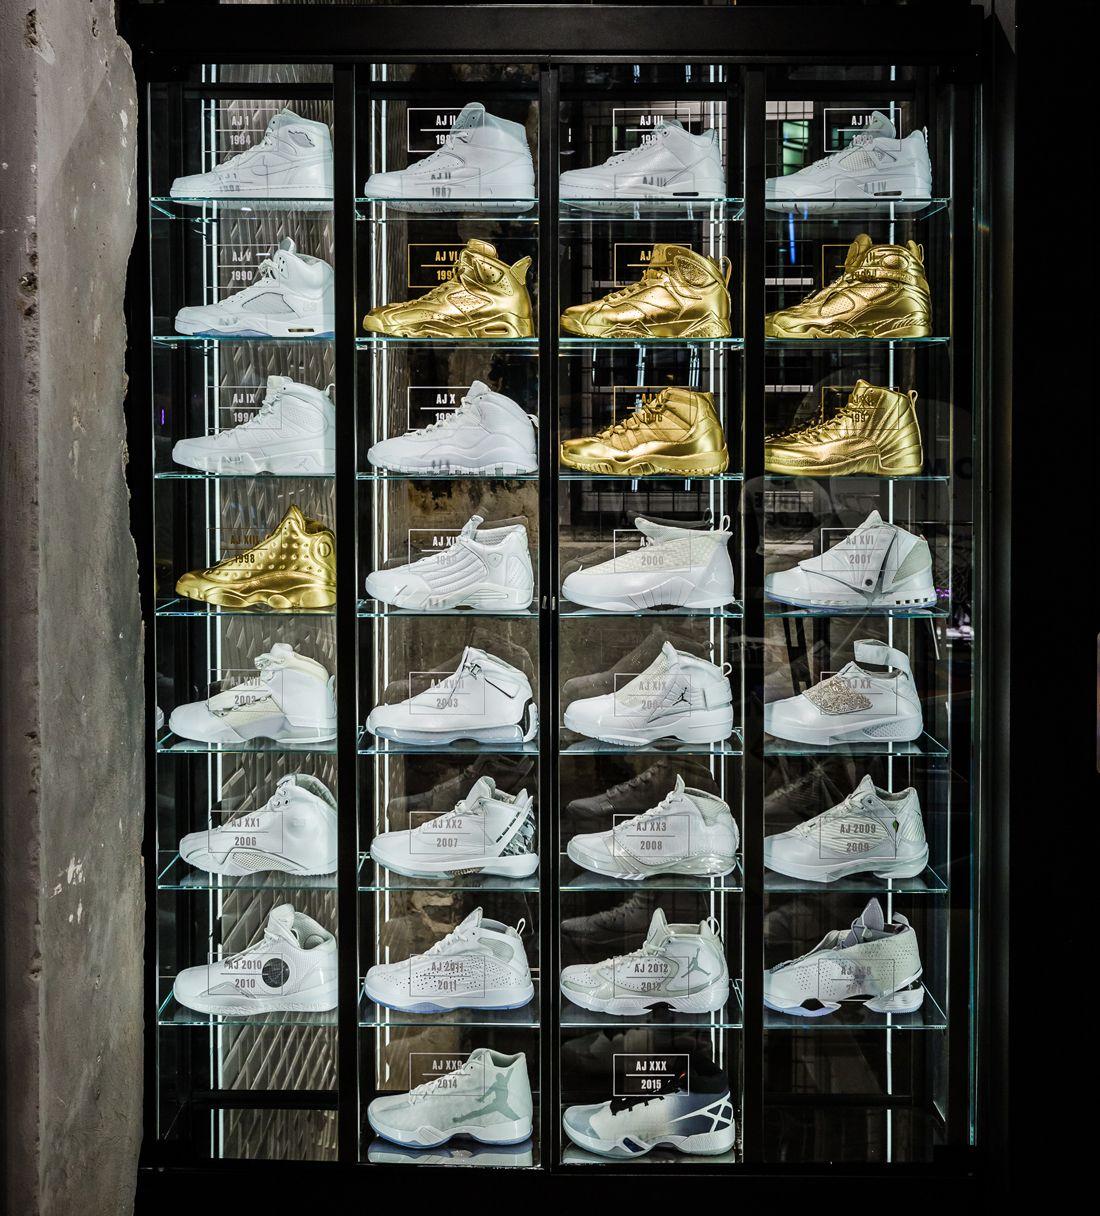 Jordan Brand Opens Incredible Pinnacle Store In Paris22